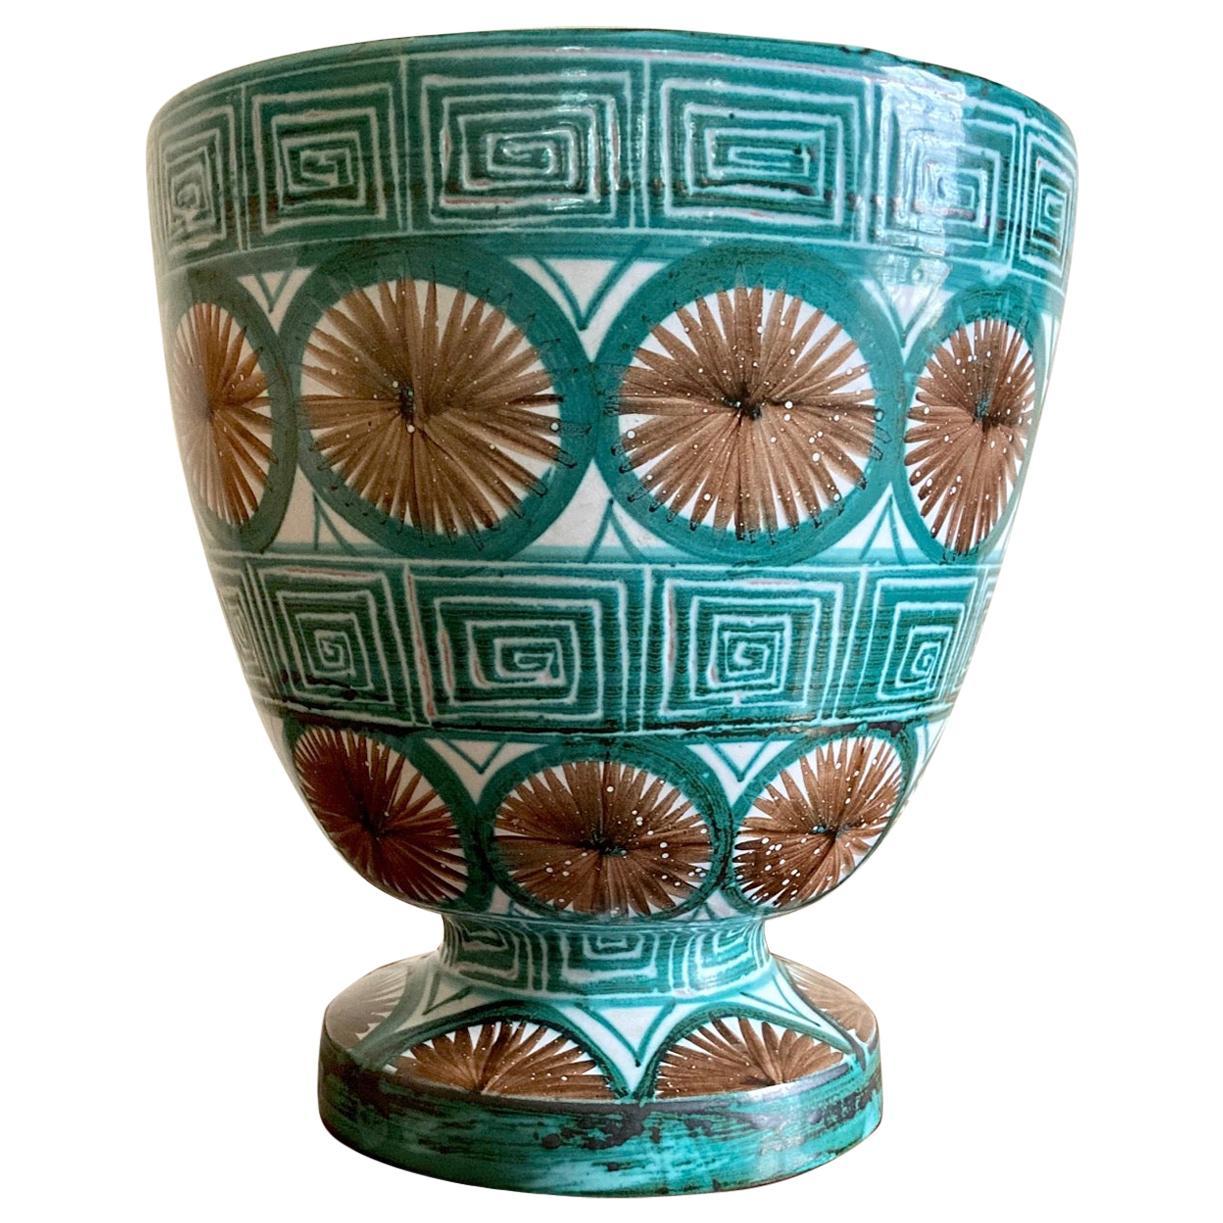 Ceramic Vase by Robert Picault, Vallauris, circa 1950